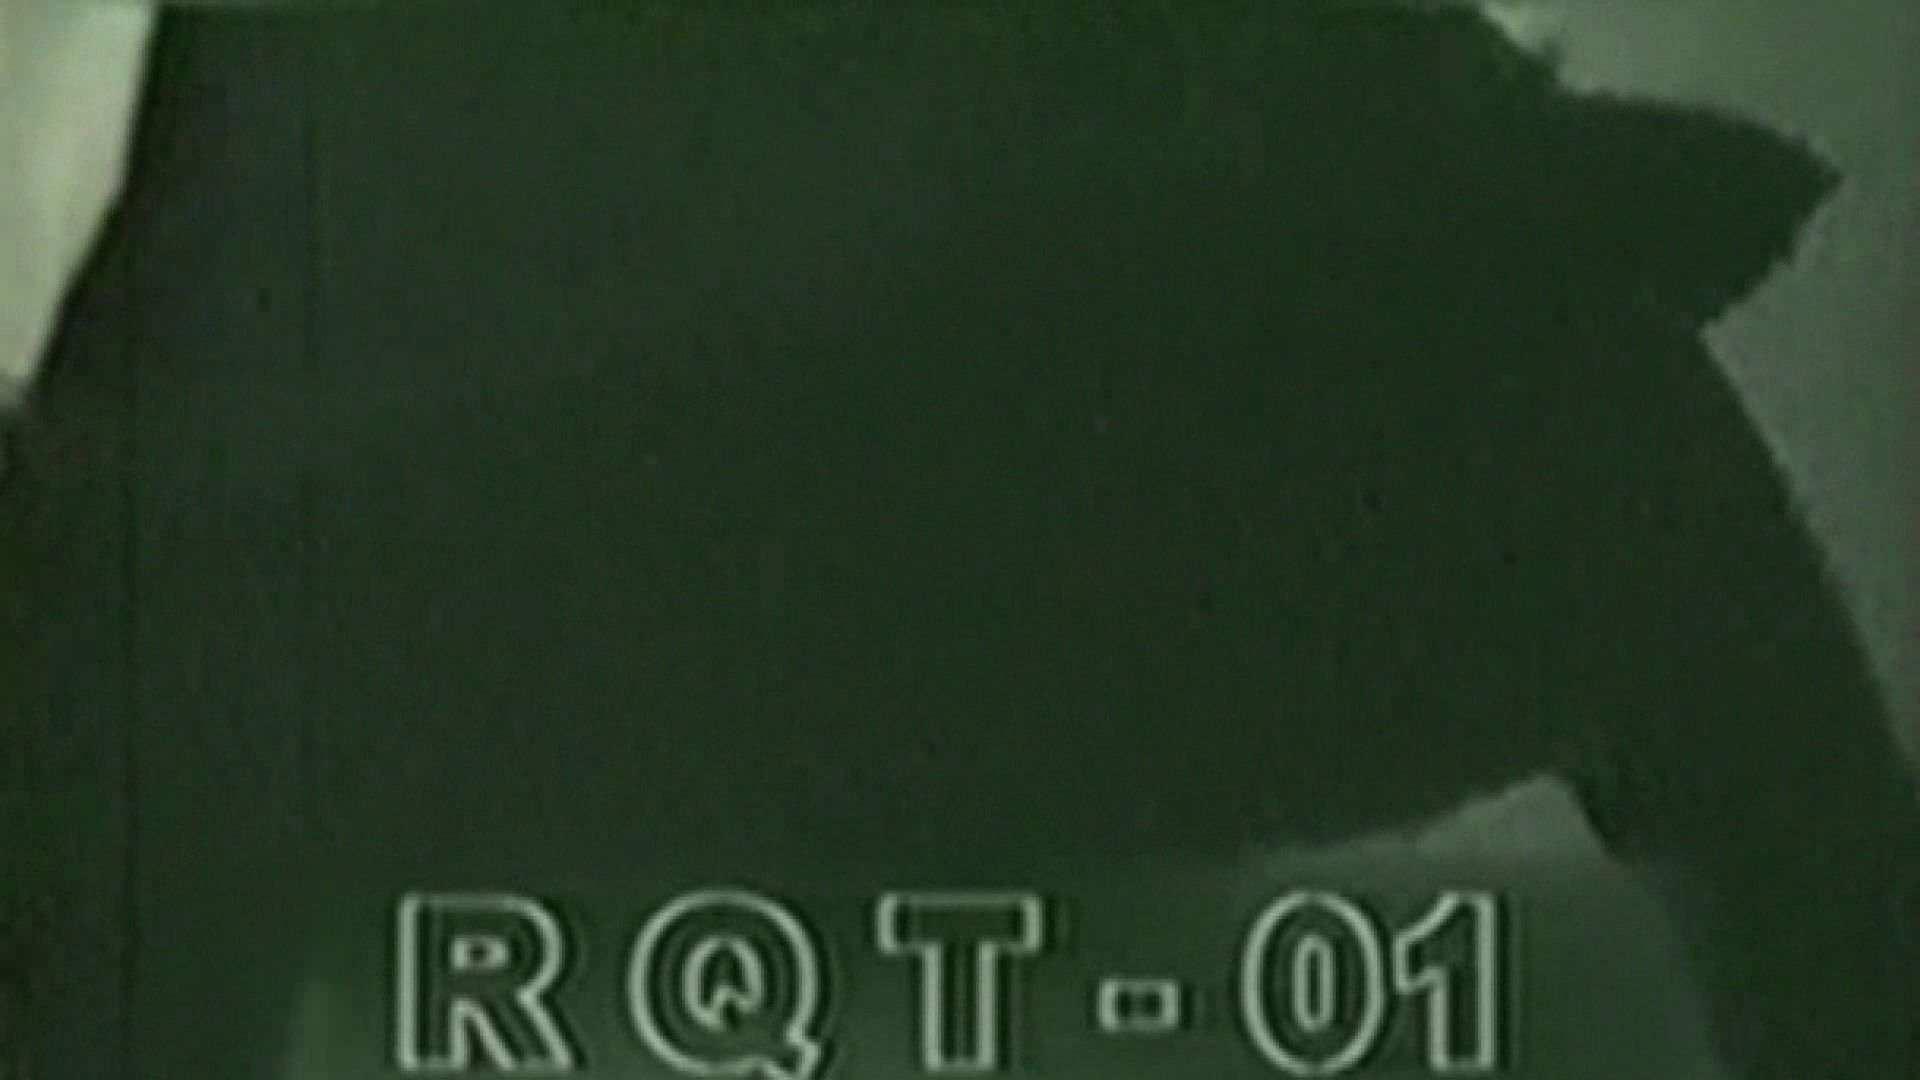 お姉さんの恥便所盗撮! Vol.2 お姉さん | 便所内リアル画像  89PICs 26